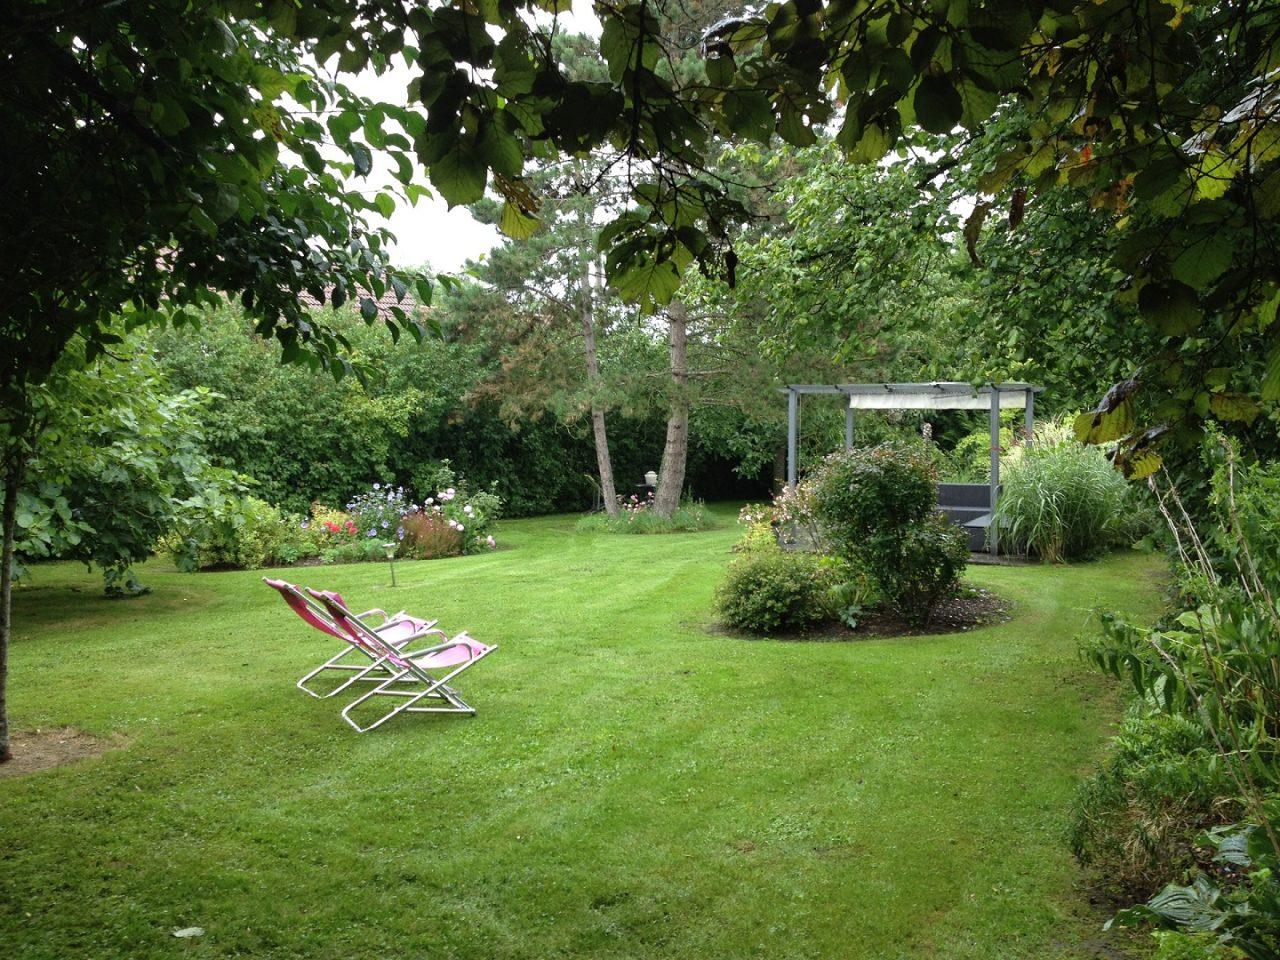 Nos astuces pour le nettoyage de votre jardin les for Nettoyage de jardin